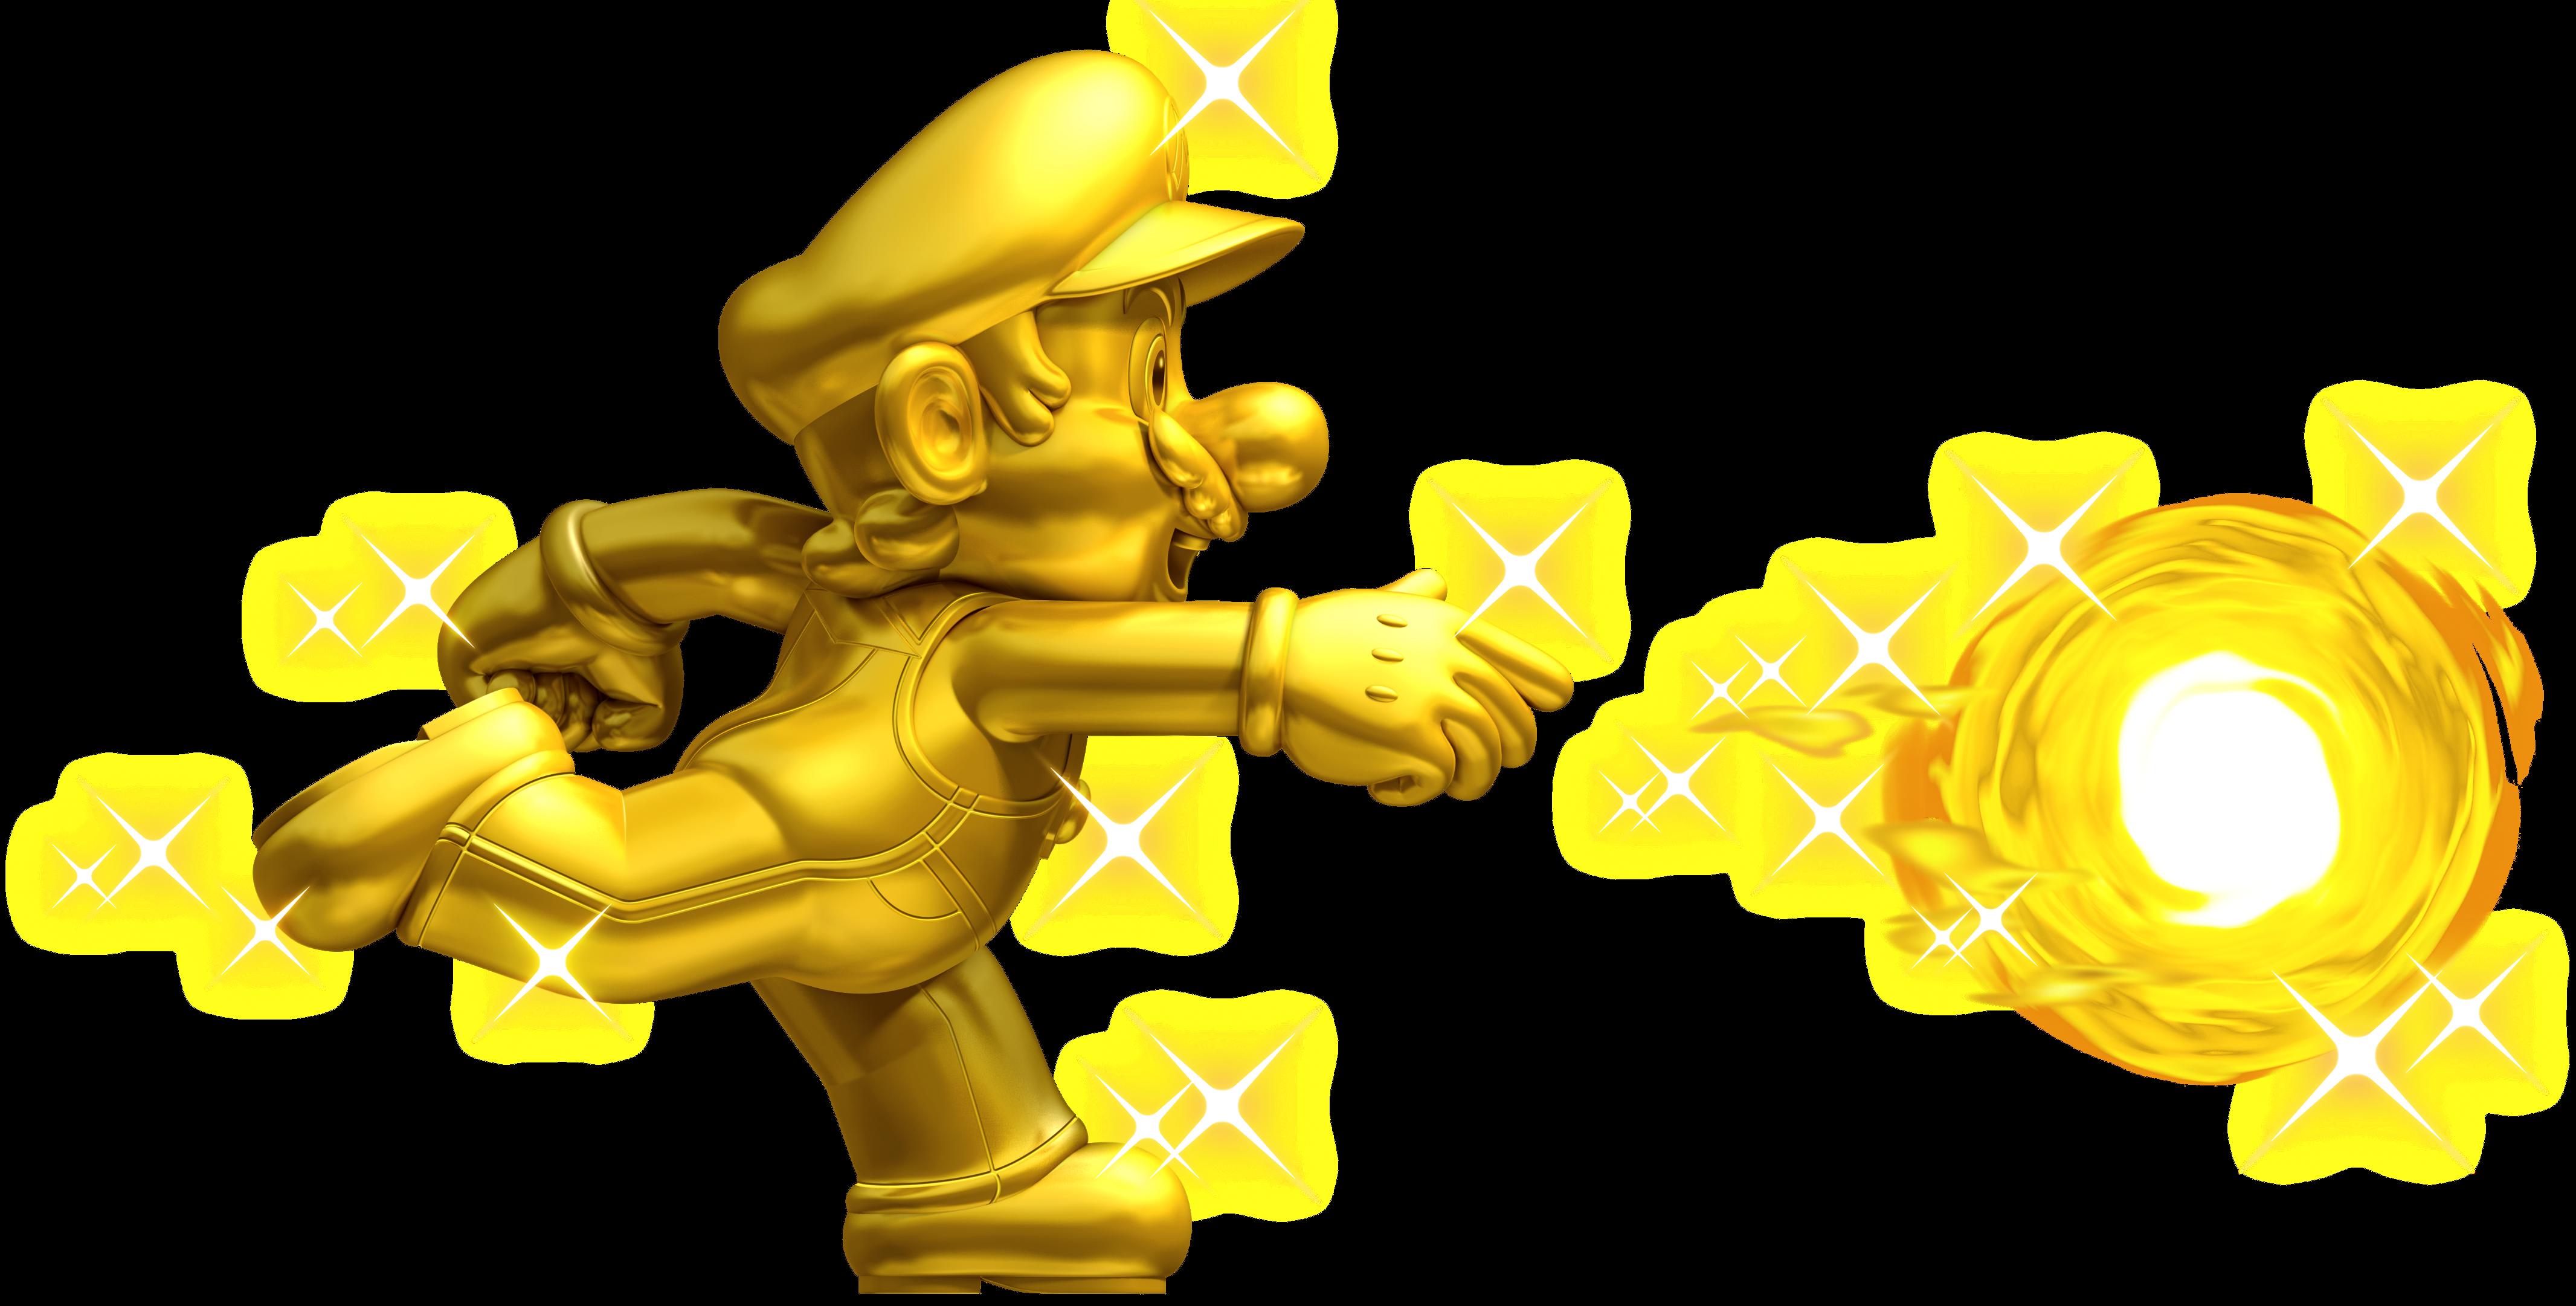 Super Mario Bros  Coloring Pages #6